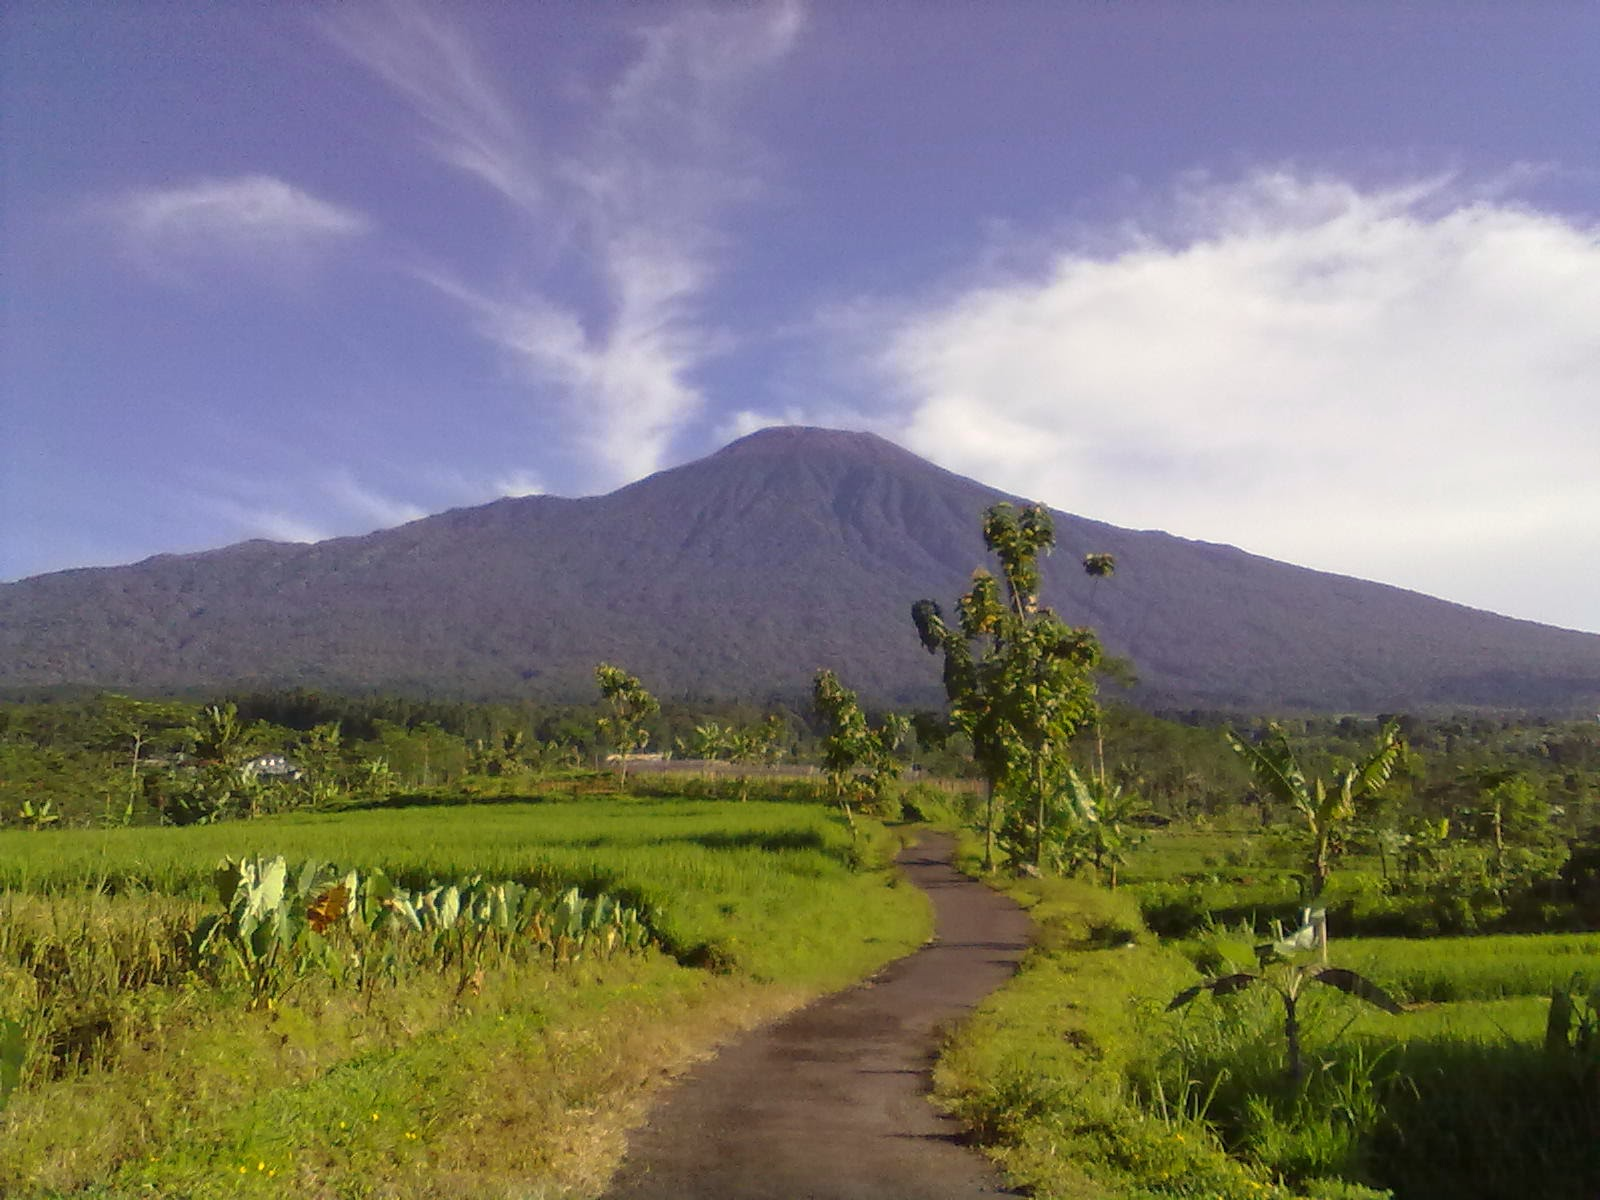 http://juragansejarah.blogspot.com/2014/03/misteri-gunung-slamet.html